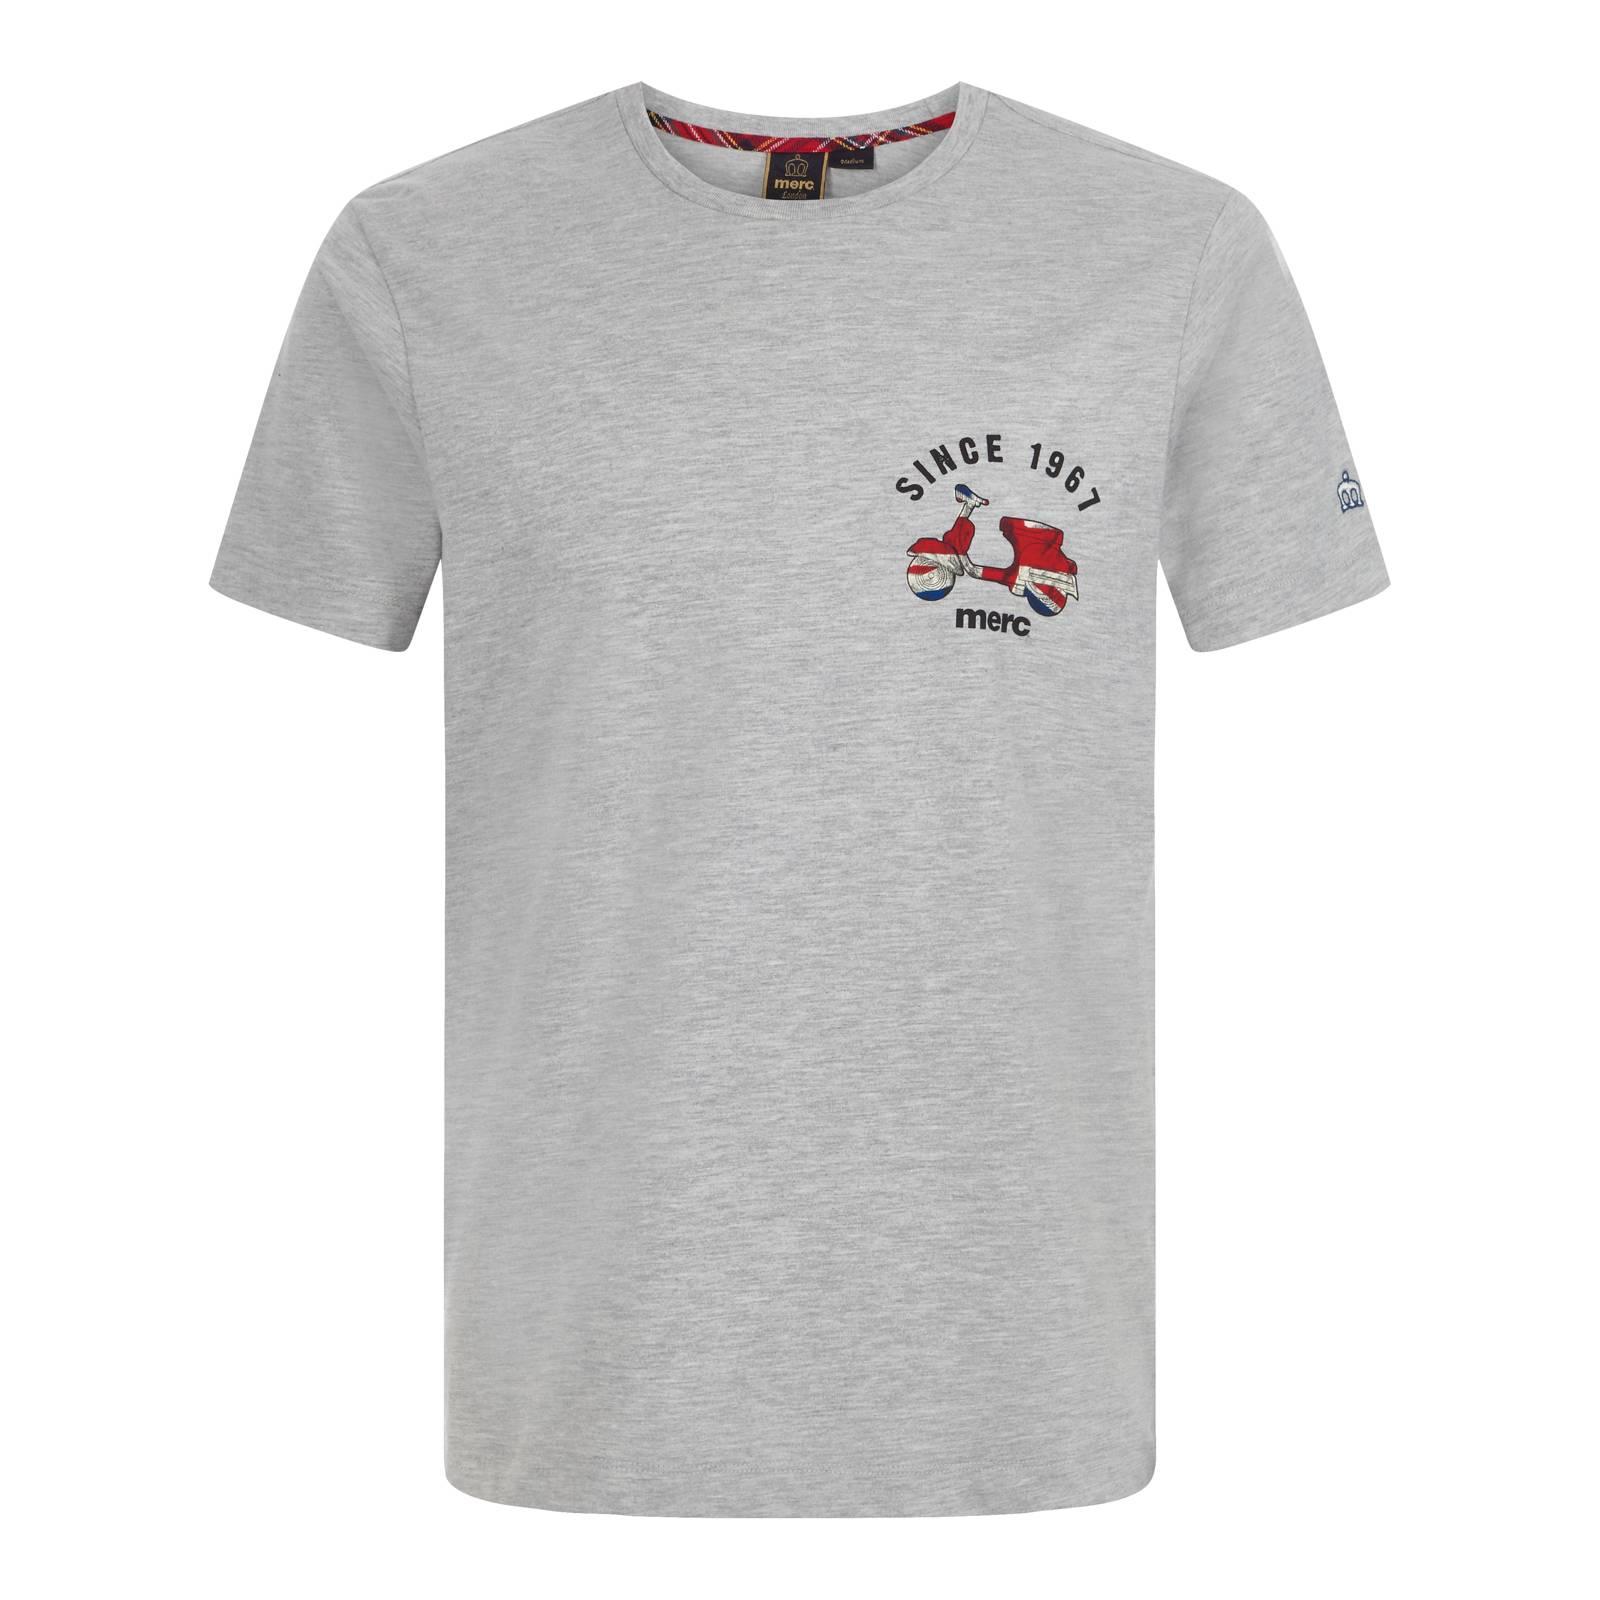 Футболка LudlowФутболки<br>Комфортного покроя мужская футболка из мягкого натурального материала высокого качества. Минималистский принт в честь полувекового юбилея бренда символизирует историческую связь марки с британской субкультурой модернистов, сделавших скутер неотъемлемой частью своего стиля и образа жизни, и подходит для тех, кто предпочитает лаконичный стиль даже в традиционно более неформальных предметах повседневного гардероба. Брендирована фирменным лого на левом рукаве.<br><br>Артикул: 1717108<br>Материал: 100% хлопок<br>Цвет: серый меланж<br>Пол: Мужской